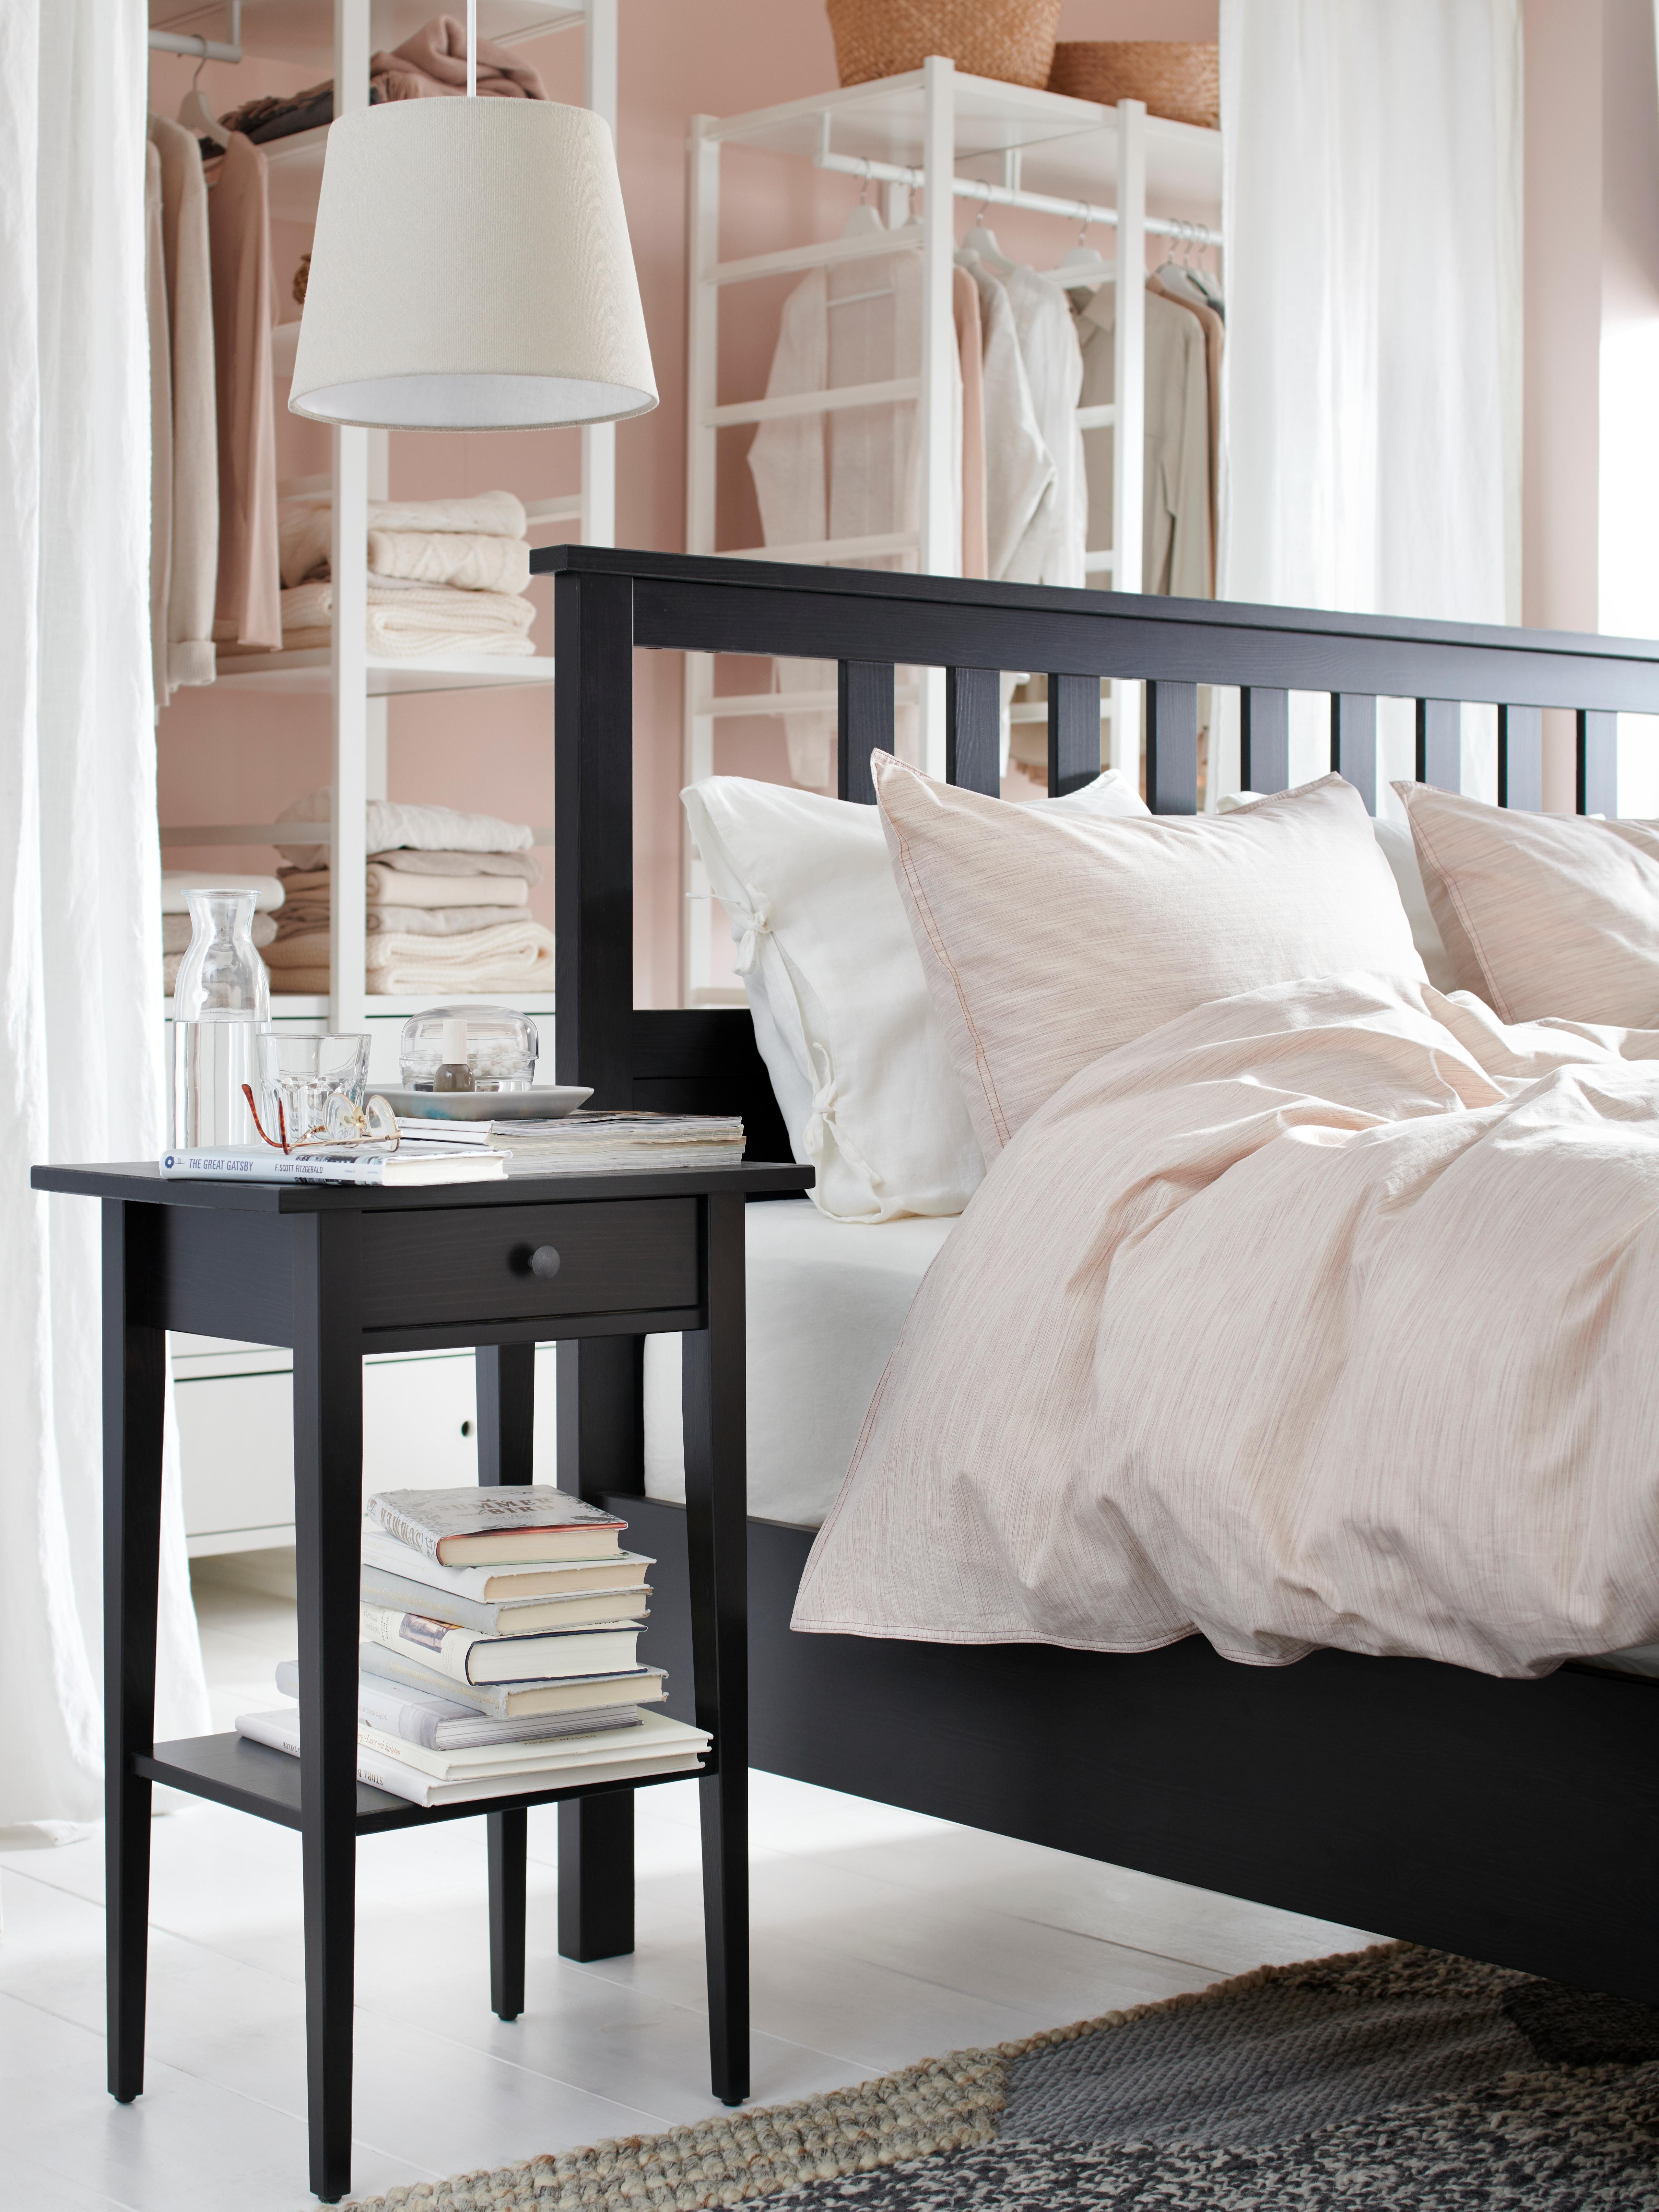 Crno-smeđi HEMNES okvir kreveta nalazi se ispred tri bijele jedinice za odlaganje pored crnog noćnog ormarića sa složenim knjigama.